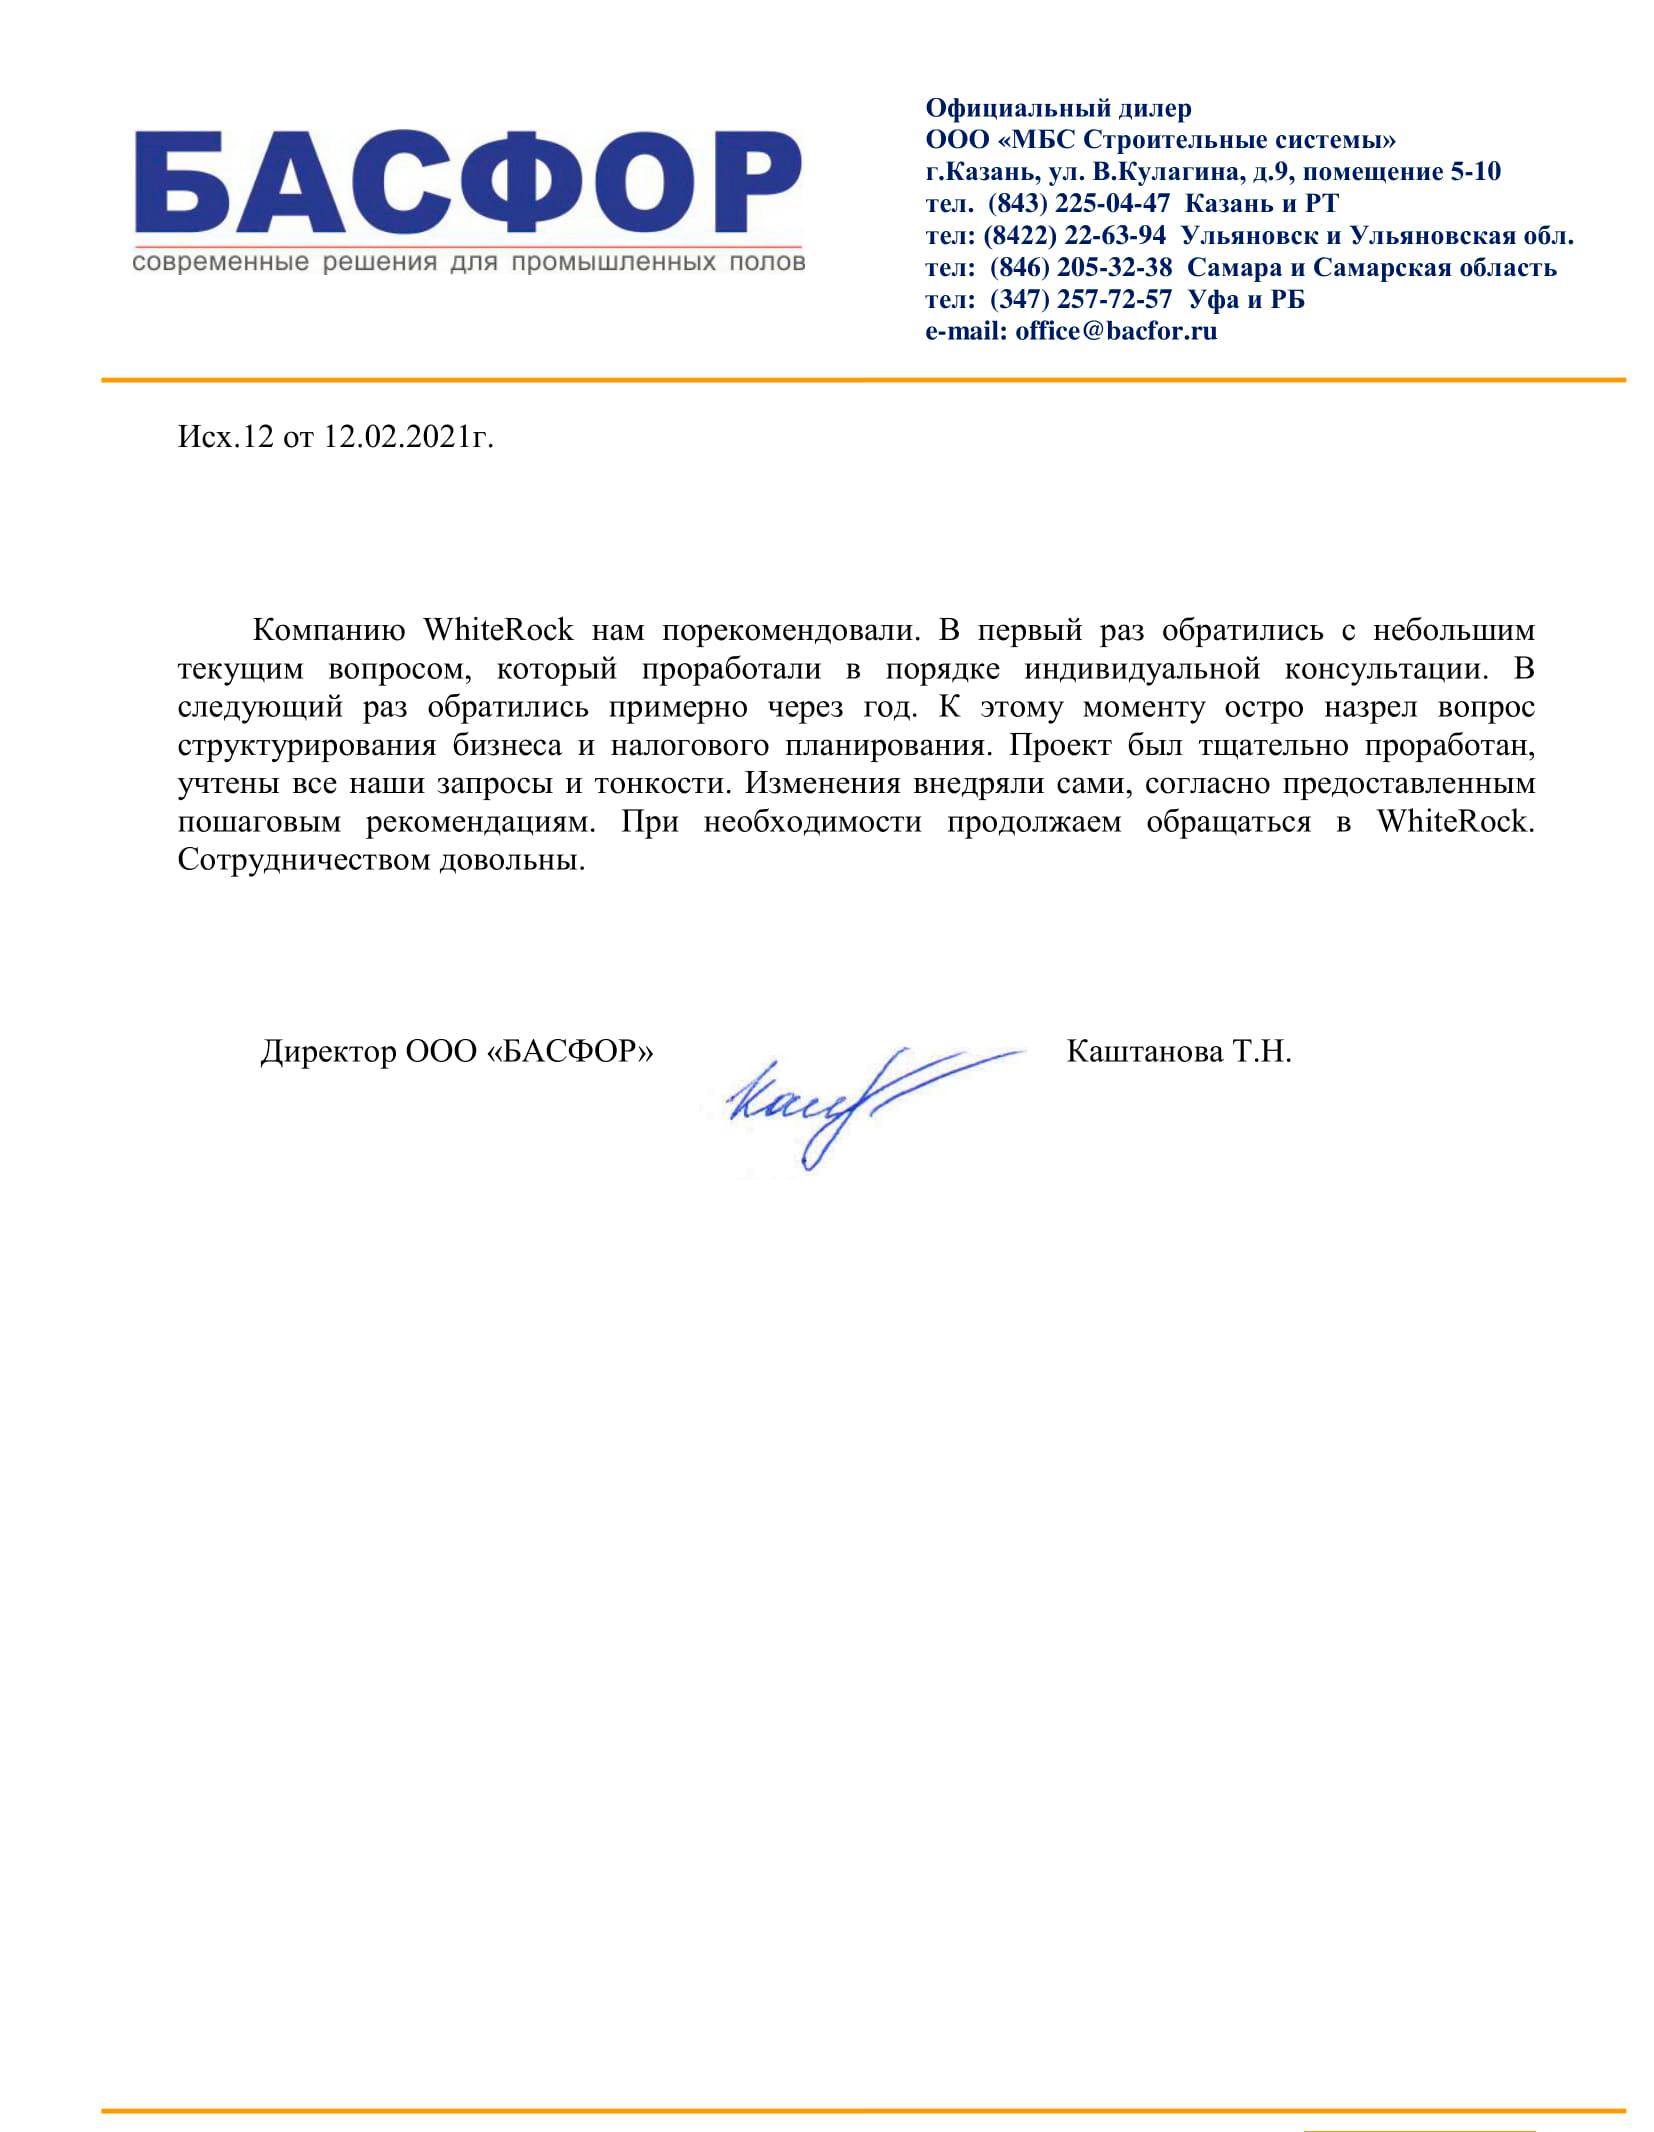 Каштанова Т.Н. - фото